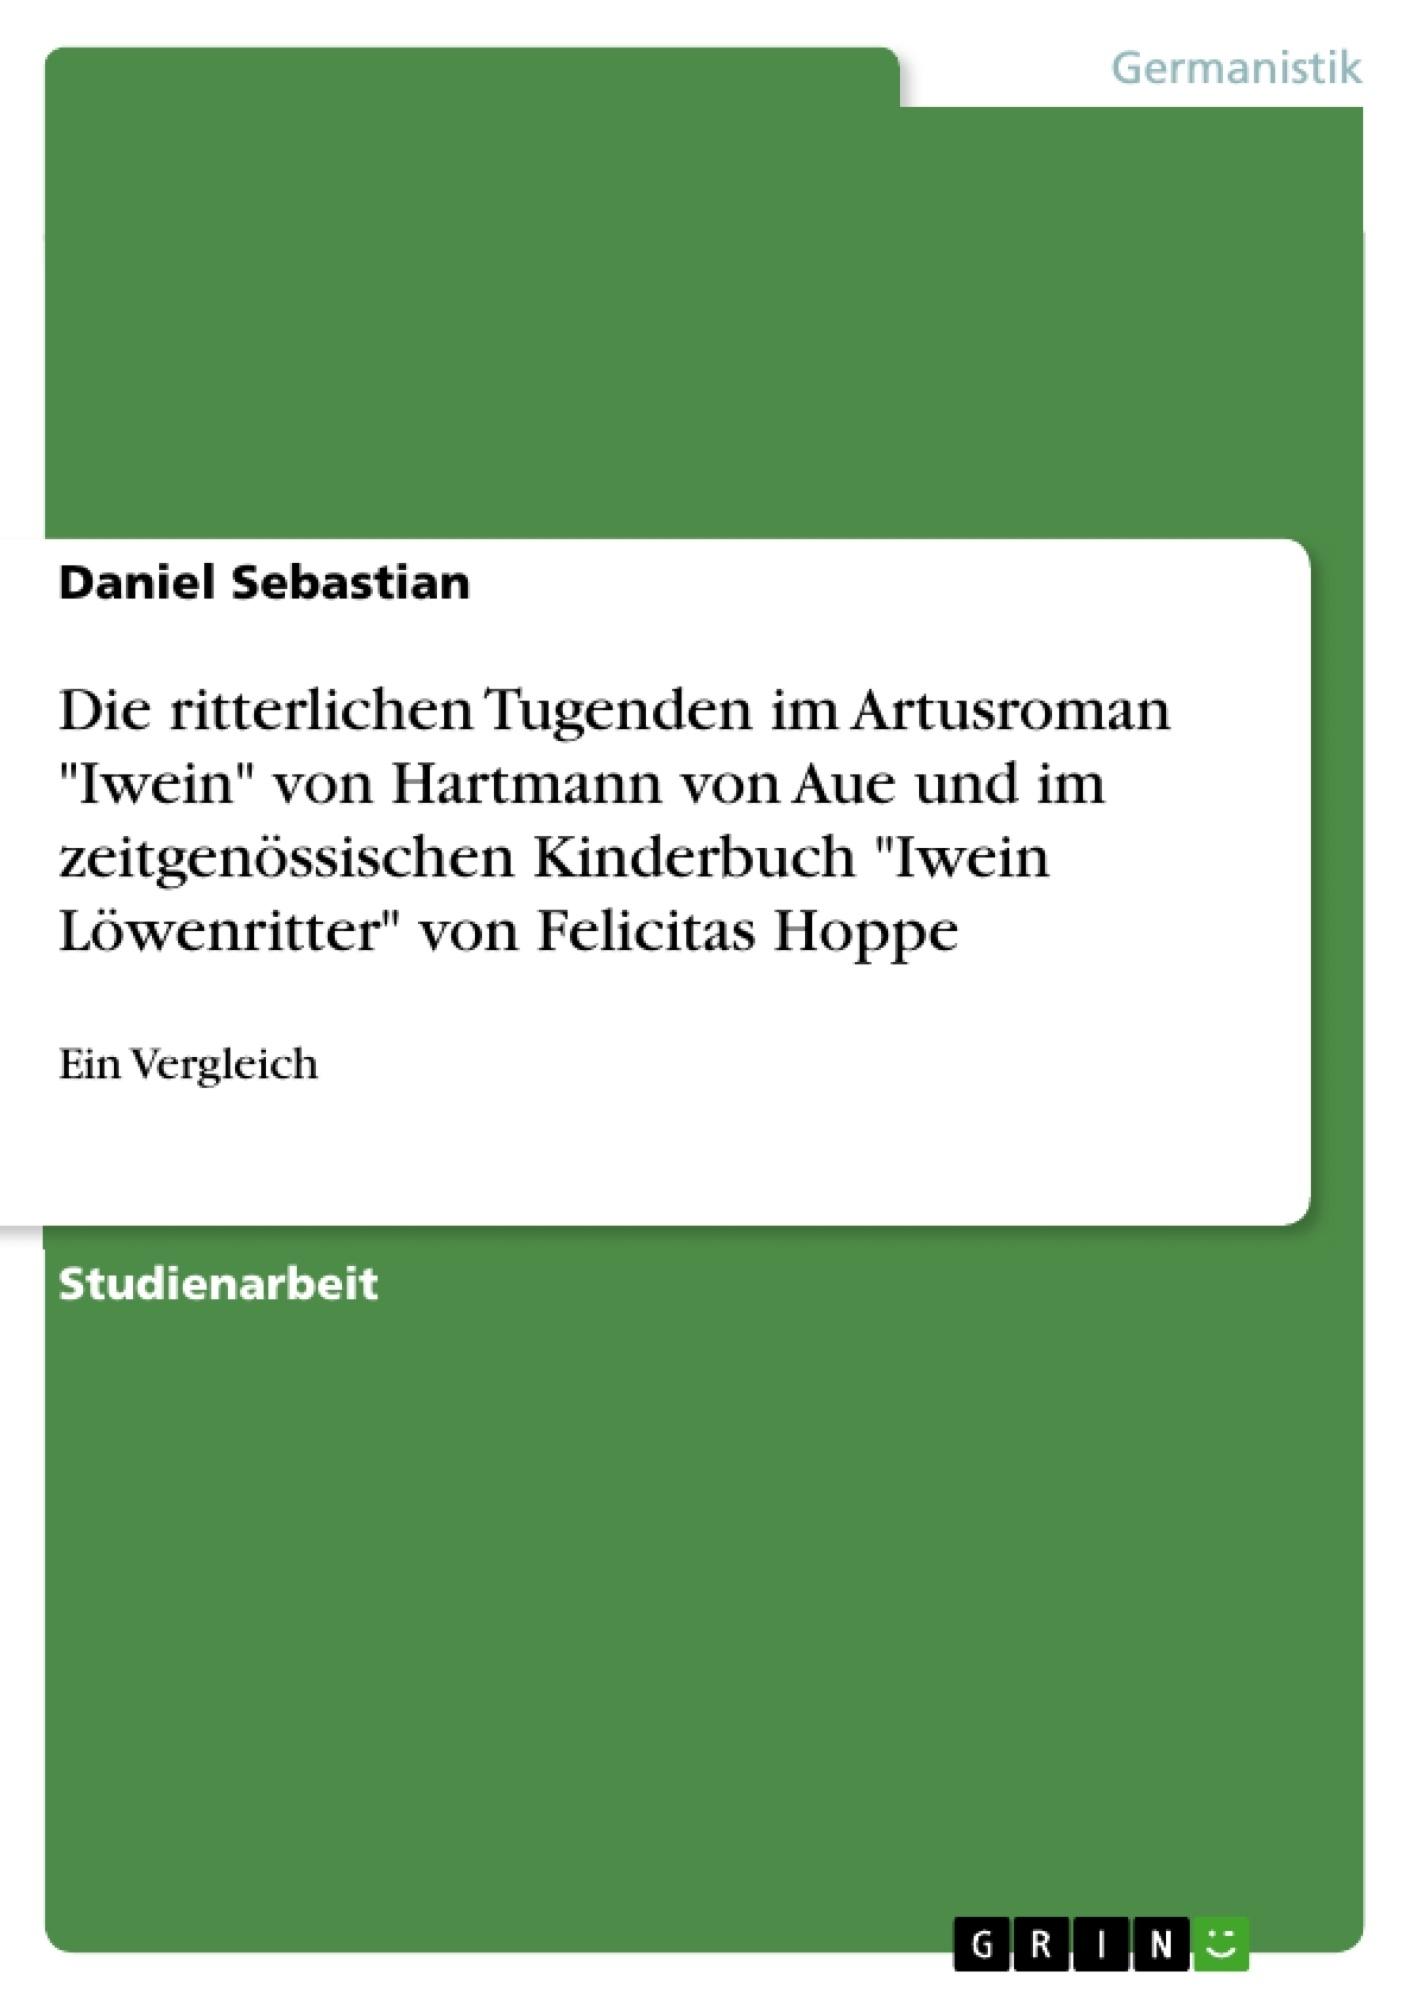 """Titel: Die ritterlichen Tugenden im Artusroman """"Iwein"""" von Hartmann von Aue und im zeitgenössischen Kinderbuch """"Iwein Löwenritter"""" von Felicitas Hoppe"""